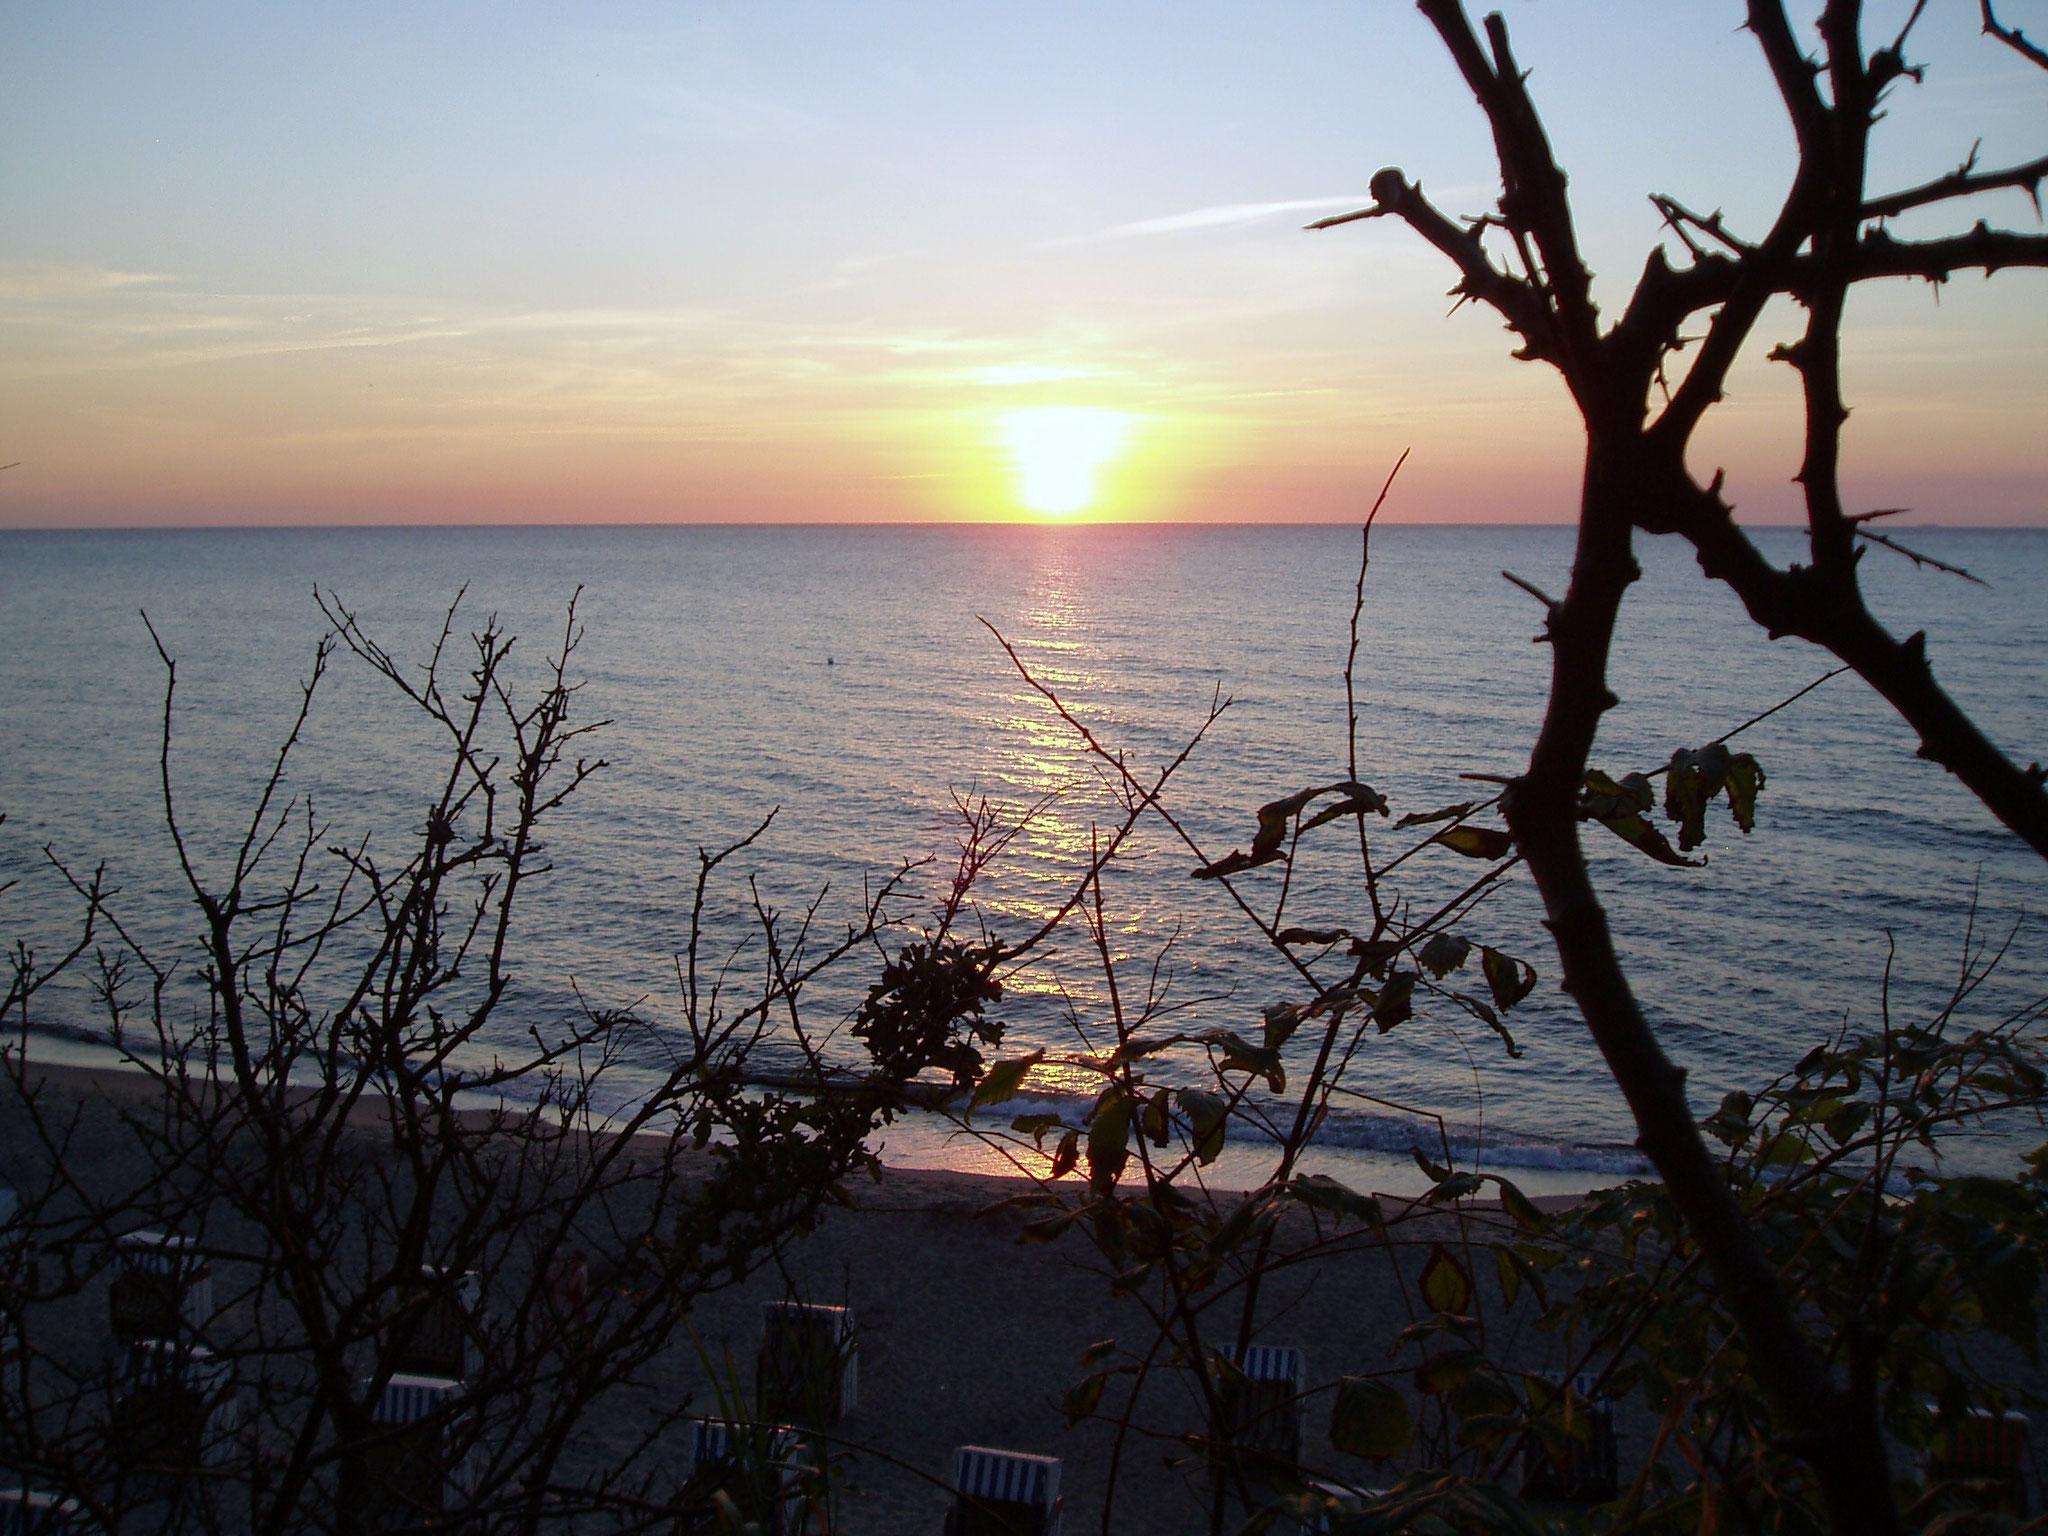 Dieser Sonnenuntergang ist nur 100 m von Ihrer Wohnung entfernt!